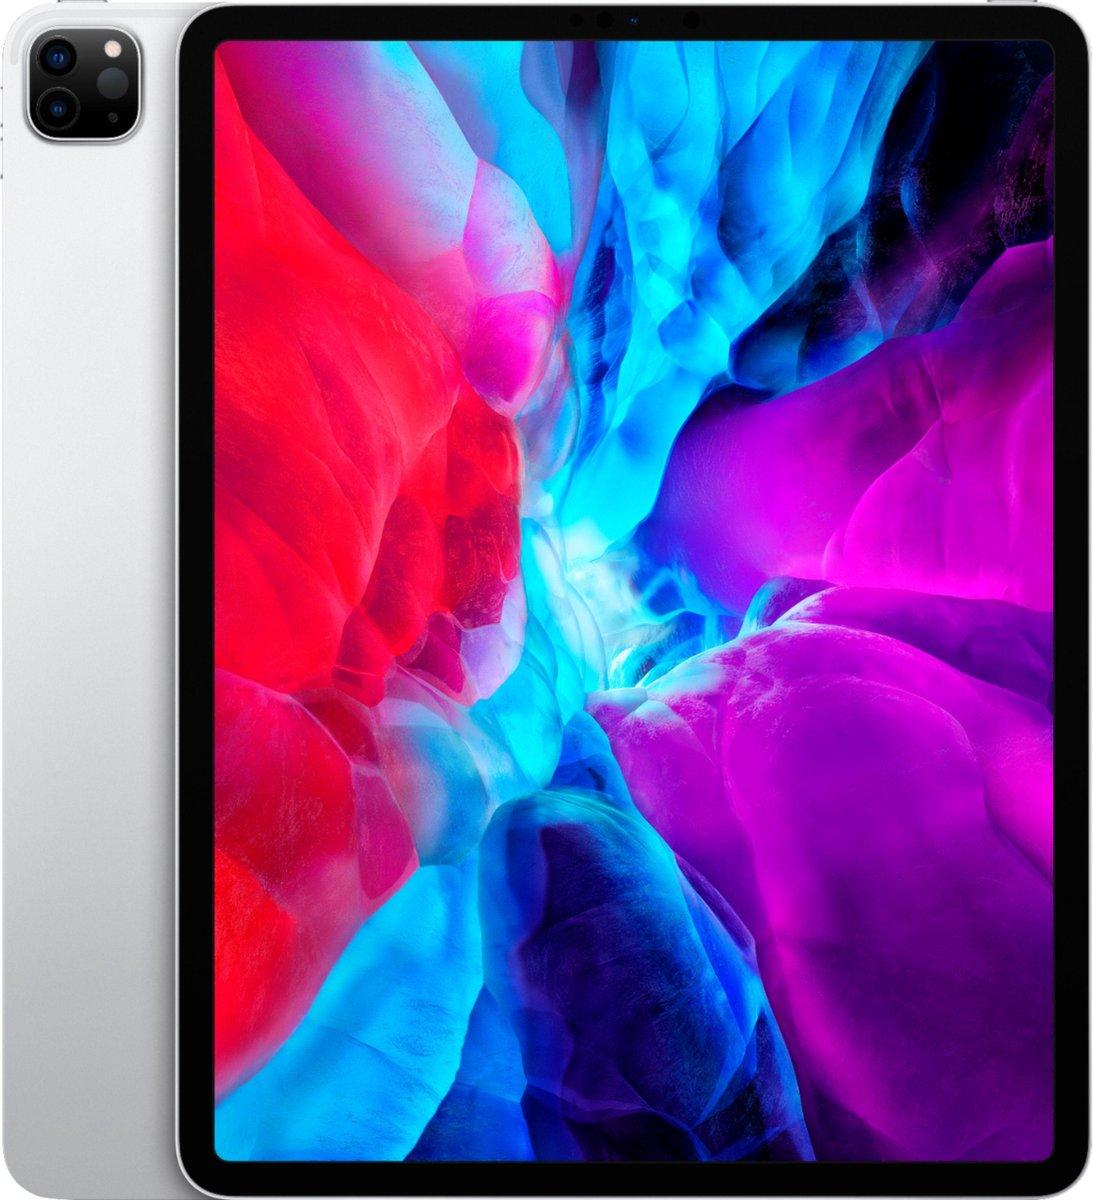 Apple iPad Pro 12.9 4e Generatie - Gereviseerd door SUPREME MOBILE - A GRADE - Alleen Wi-Fi - 128 GB - Zilver